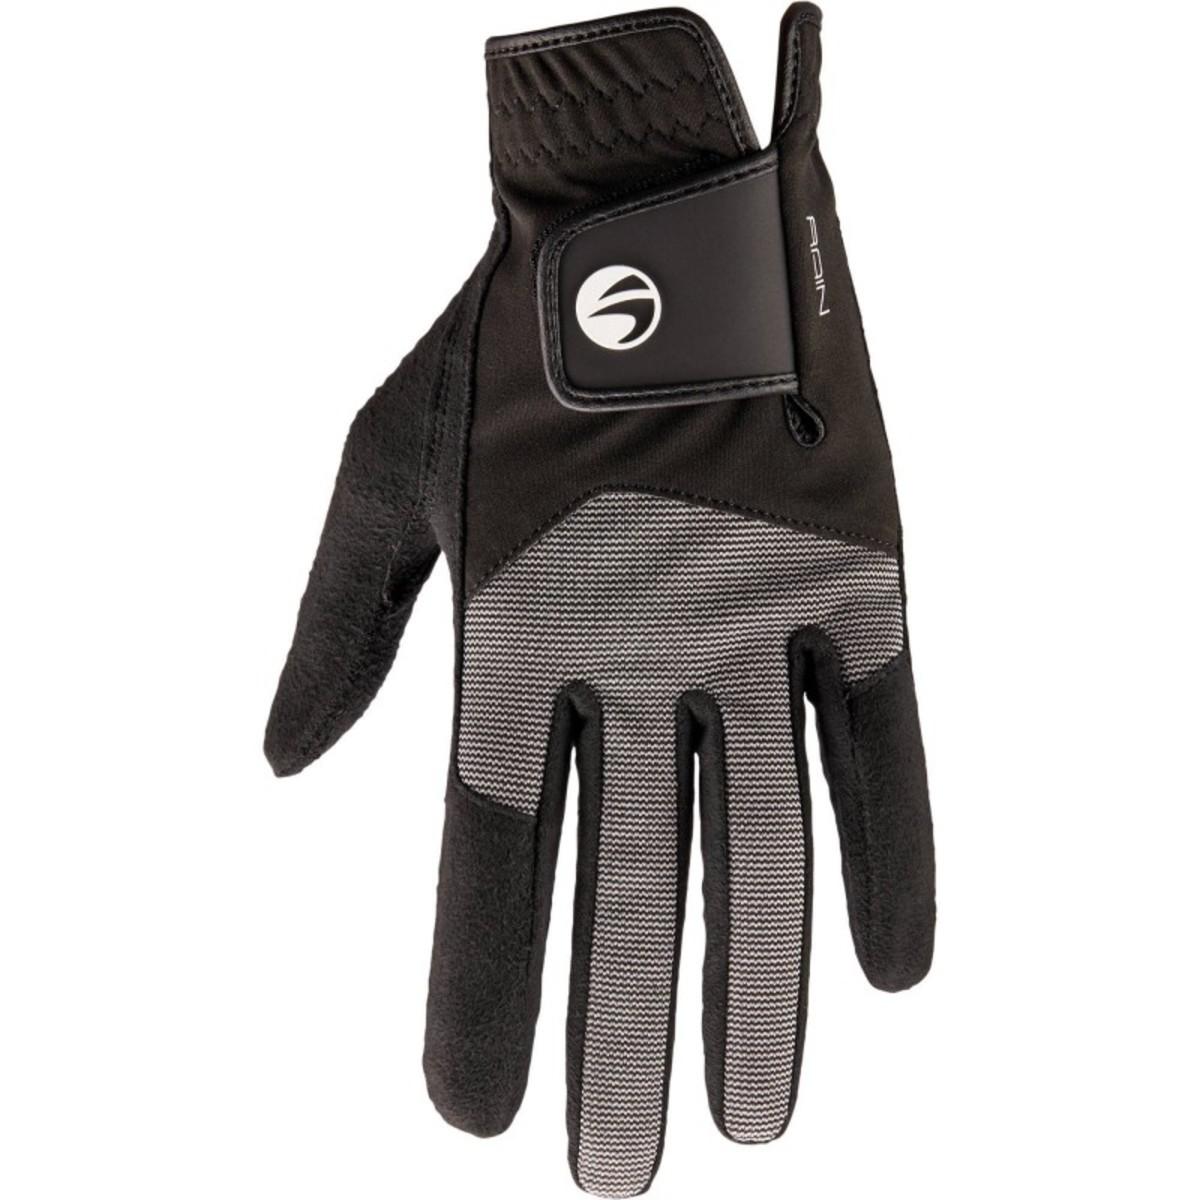 Bild 1 von INESIS Golfhandschuh Regen Rechtshand (für die linke Hand) Herren weiß, Größe: S